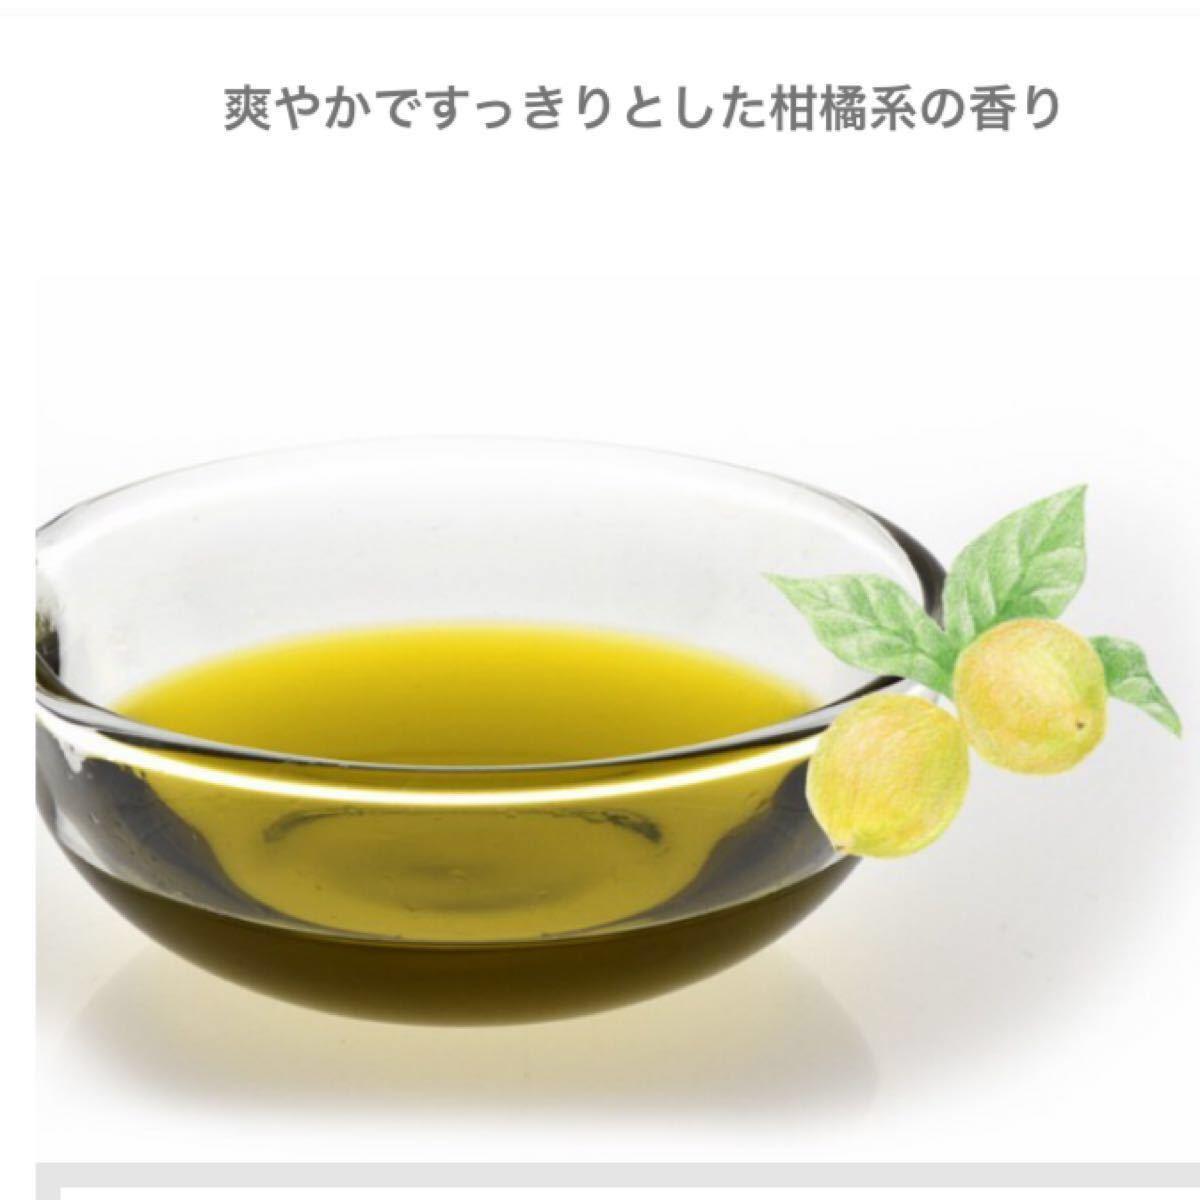 ベルガモットカラブリアン・エッセンシャルオイル 5ml●柑橘系のリラックス気分に・ウイルス対策ブレンドに・・・